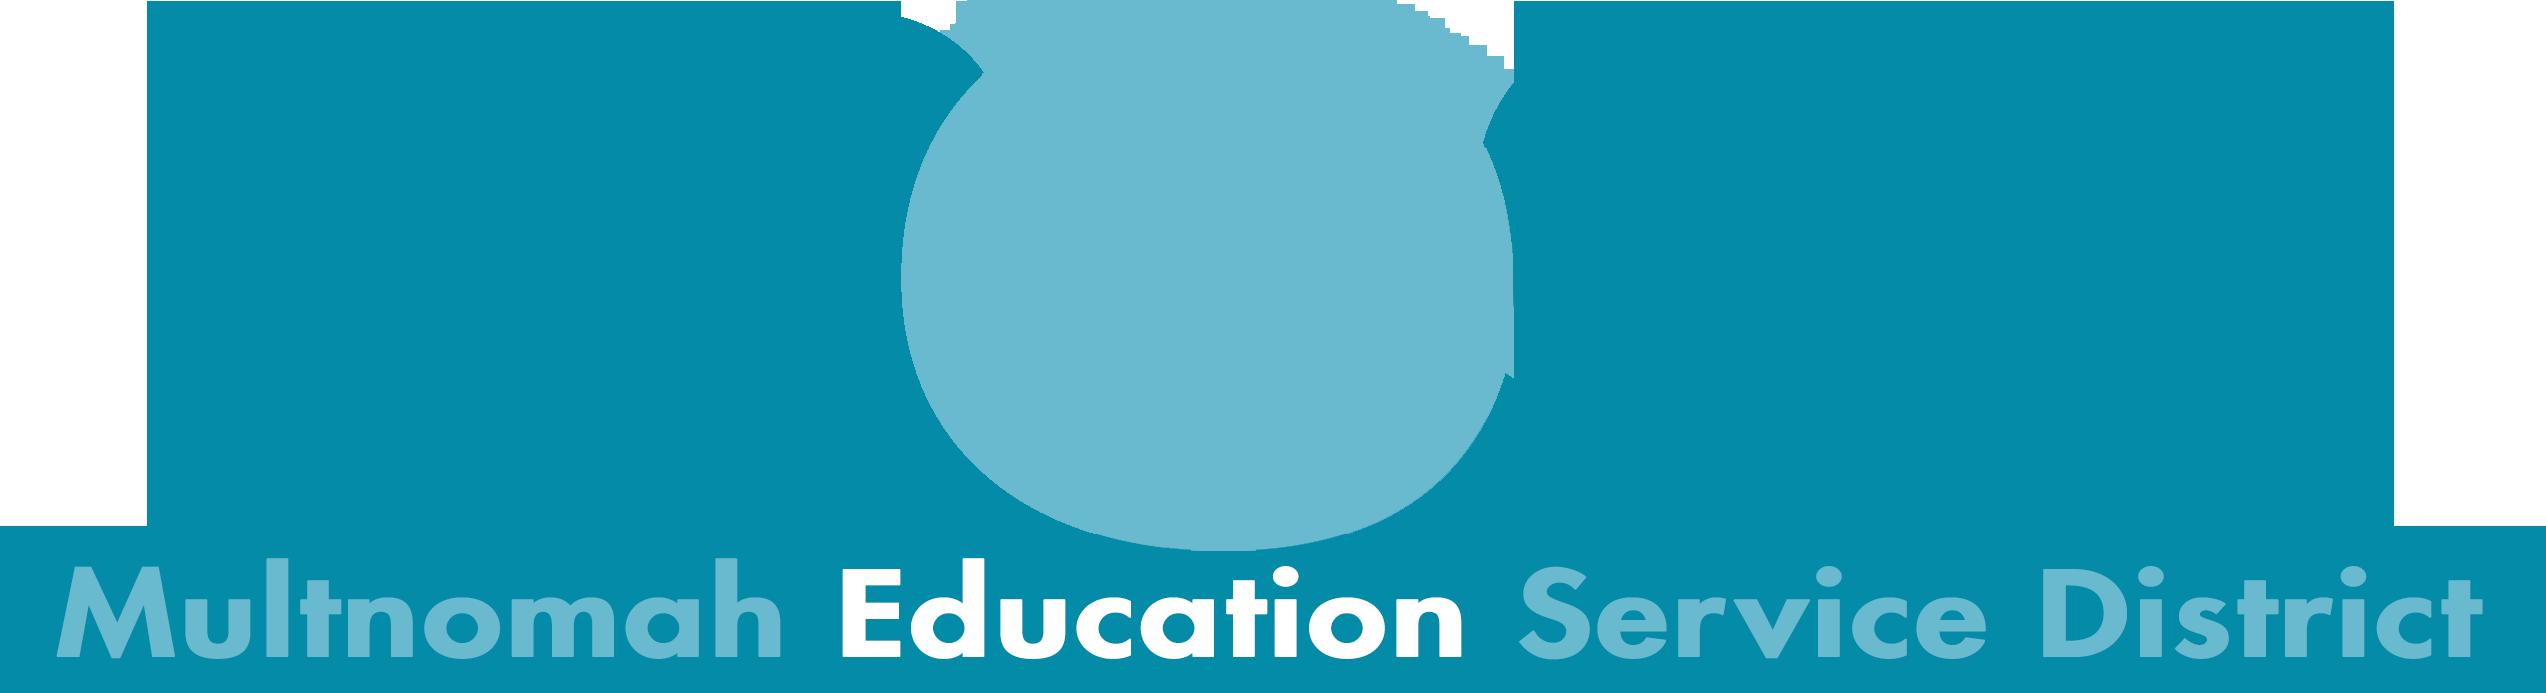 MESD logo